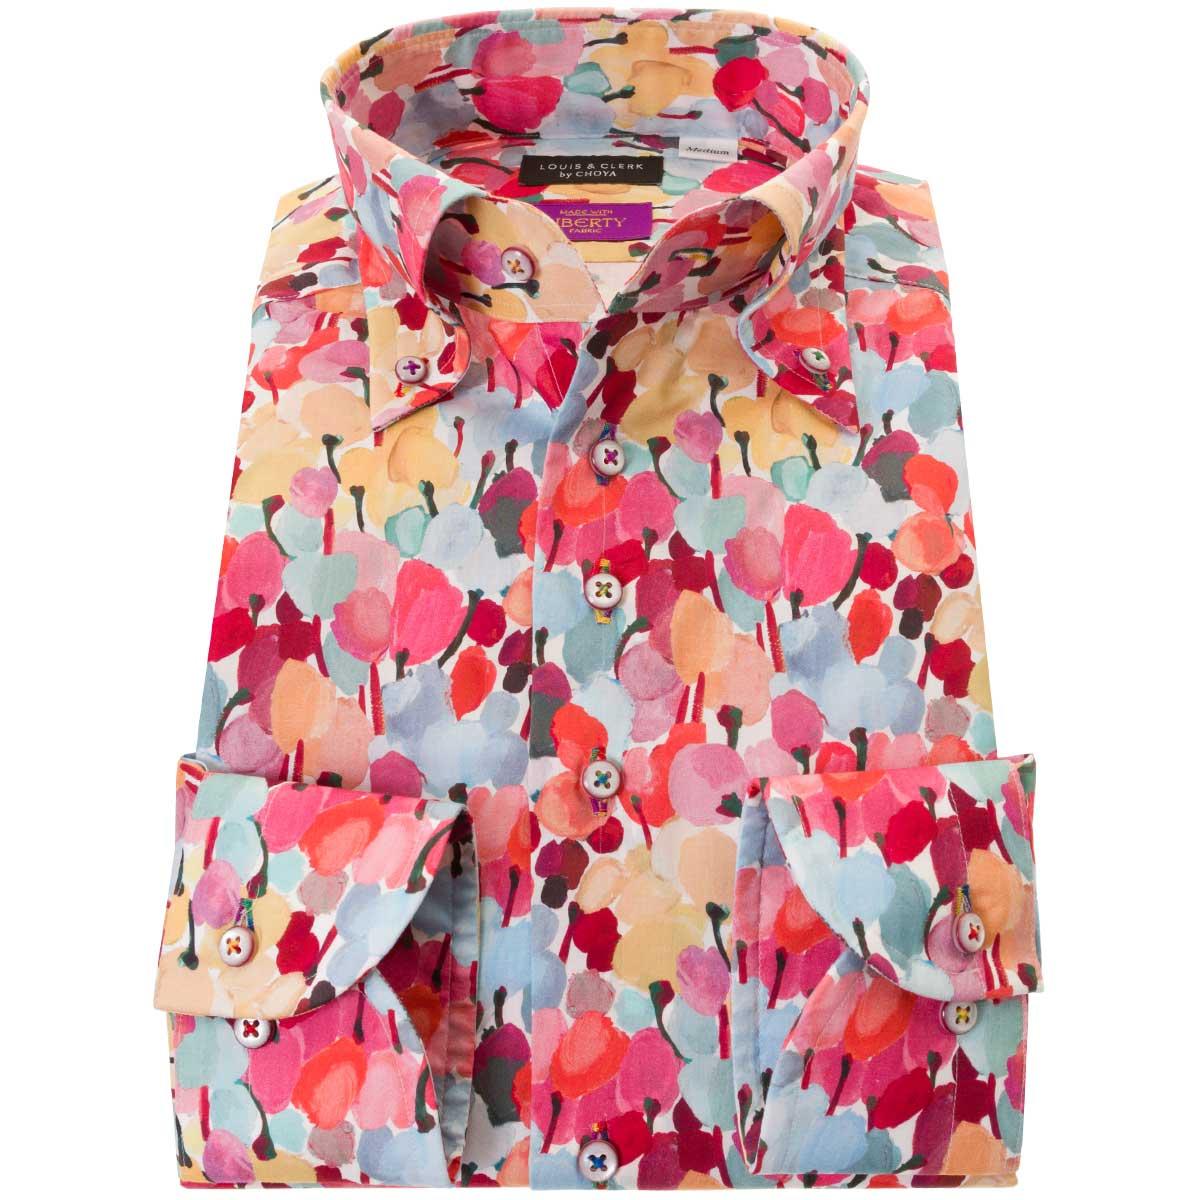 ドレスシャツ ワイシャツ シャツ メンズ リバティプリント 国産 長袖 コンフォート ボタンダウン 胸ポケット無 チューリップ・フィールズ タナローン